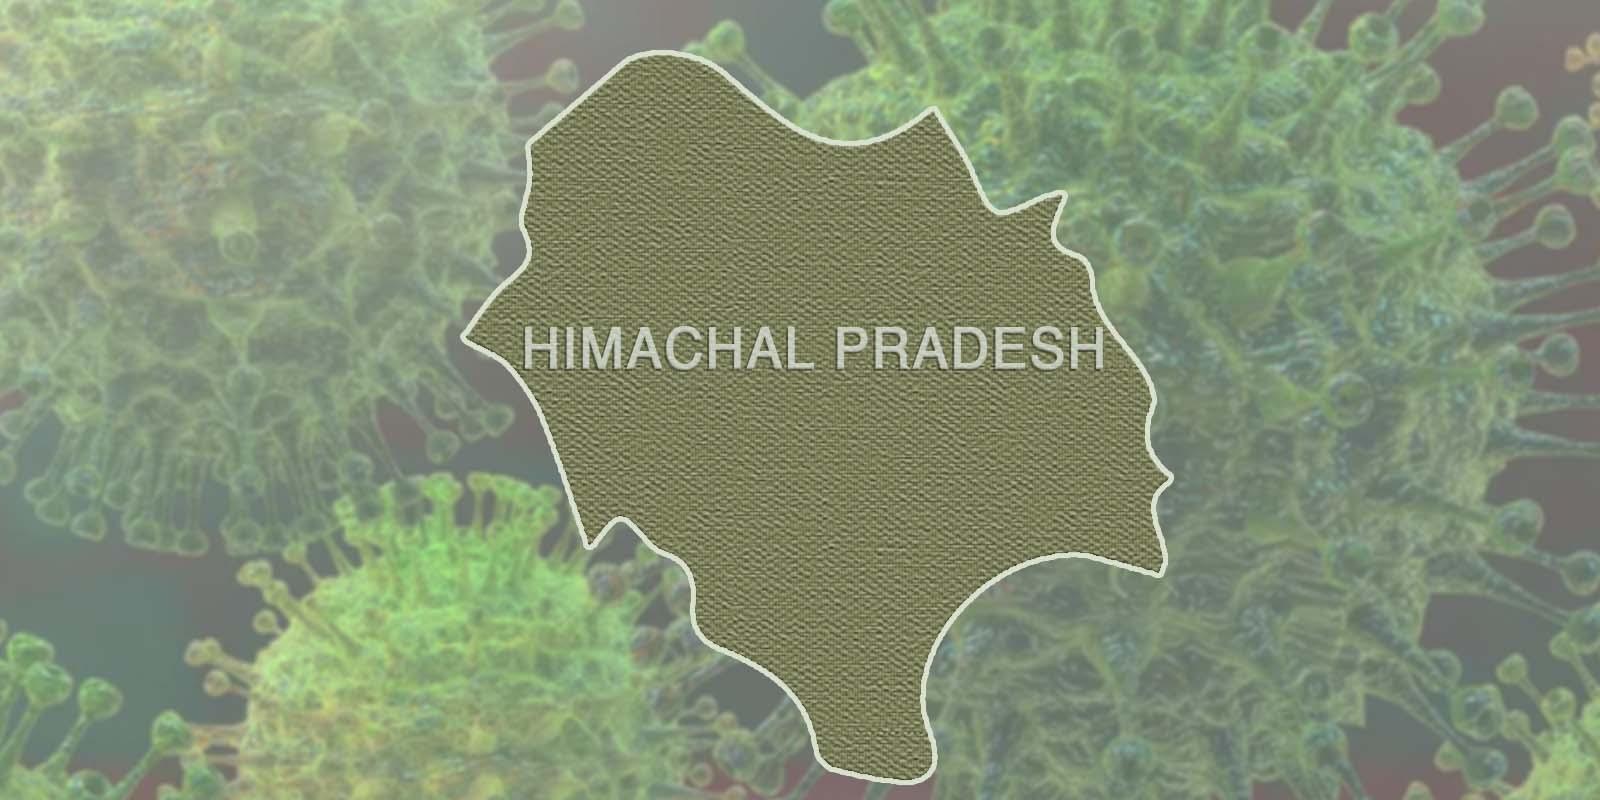 lockdown extended in Himachal Pradesh